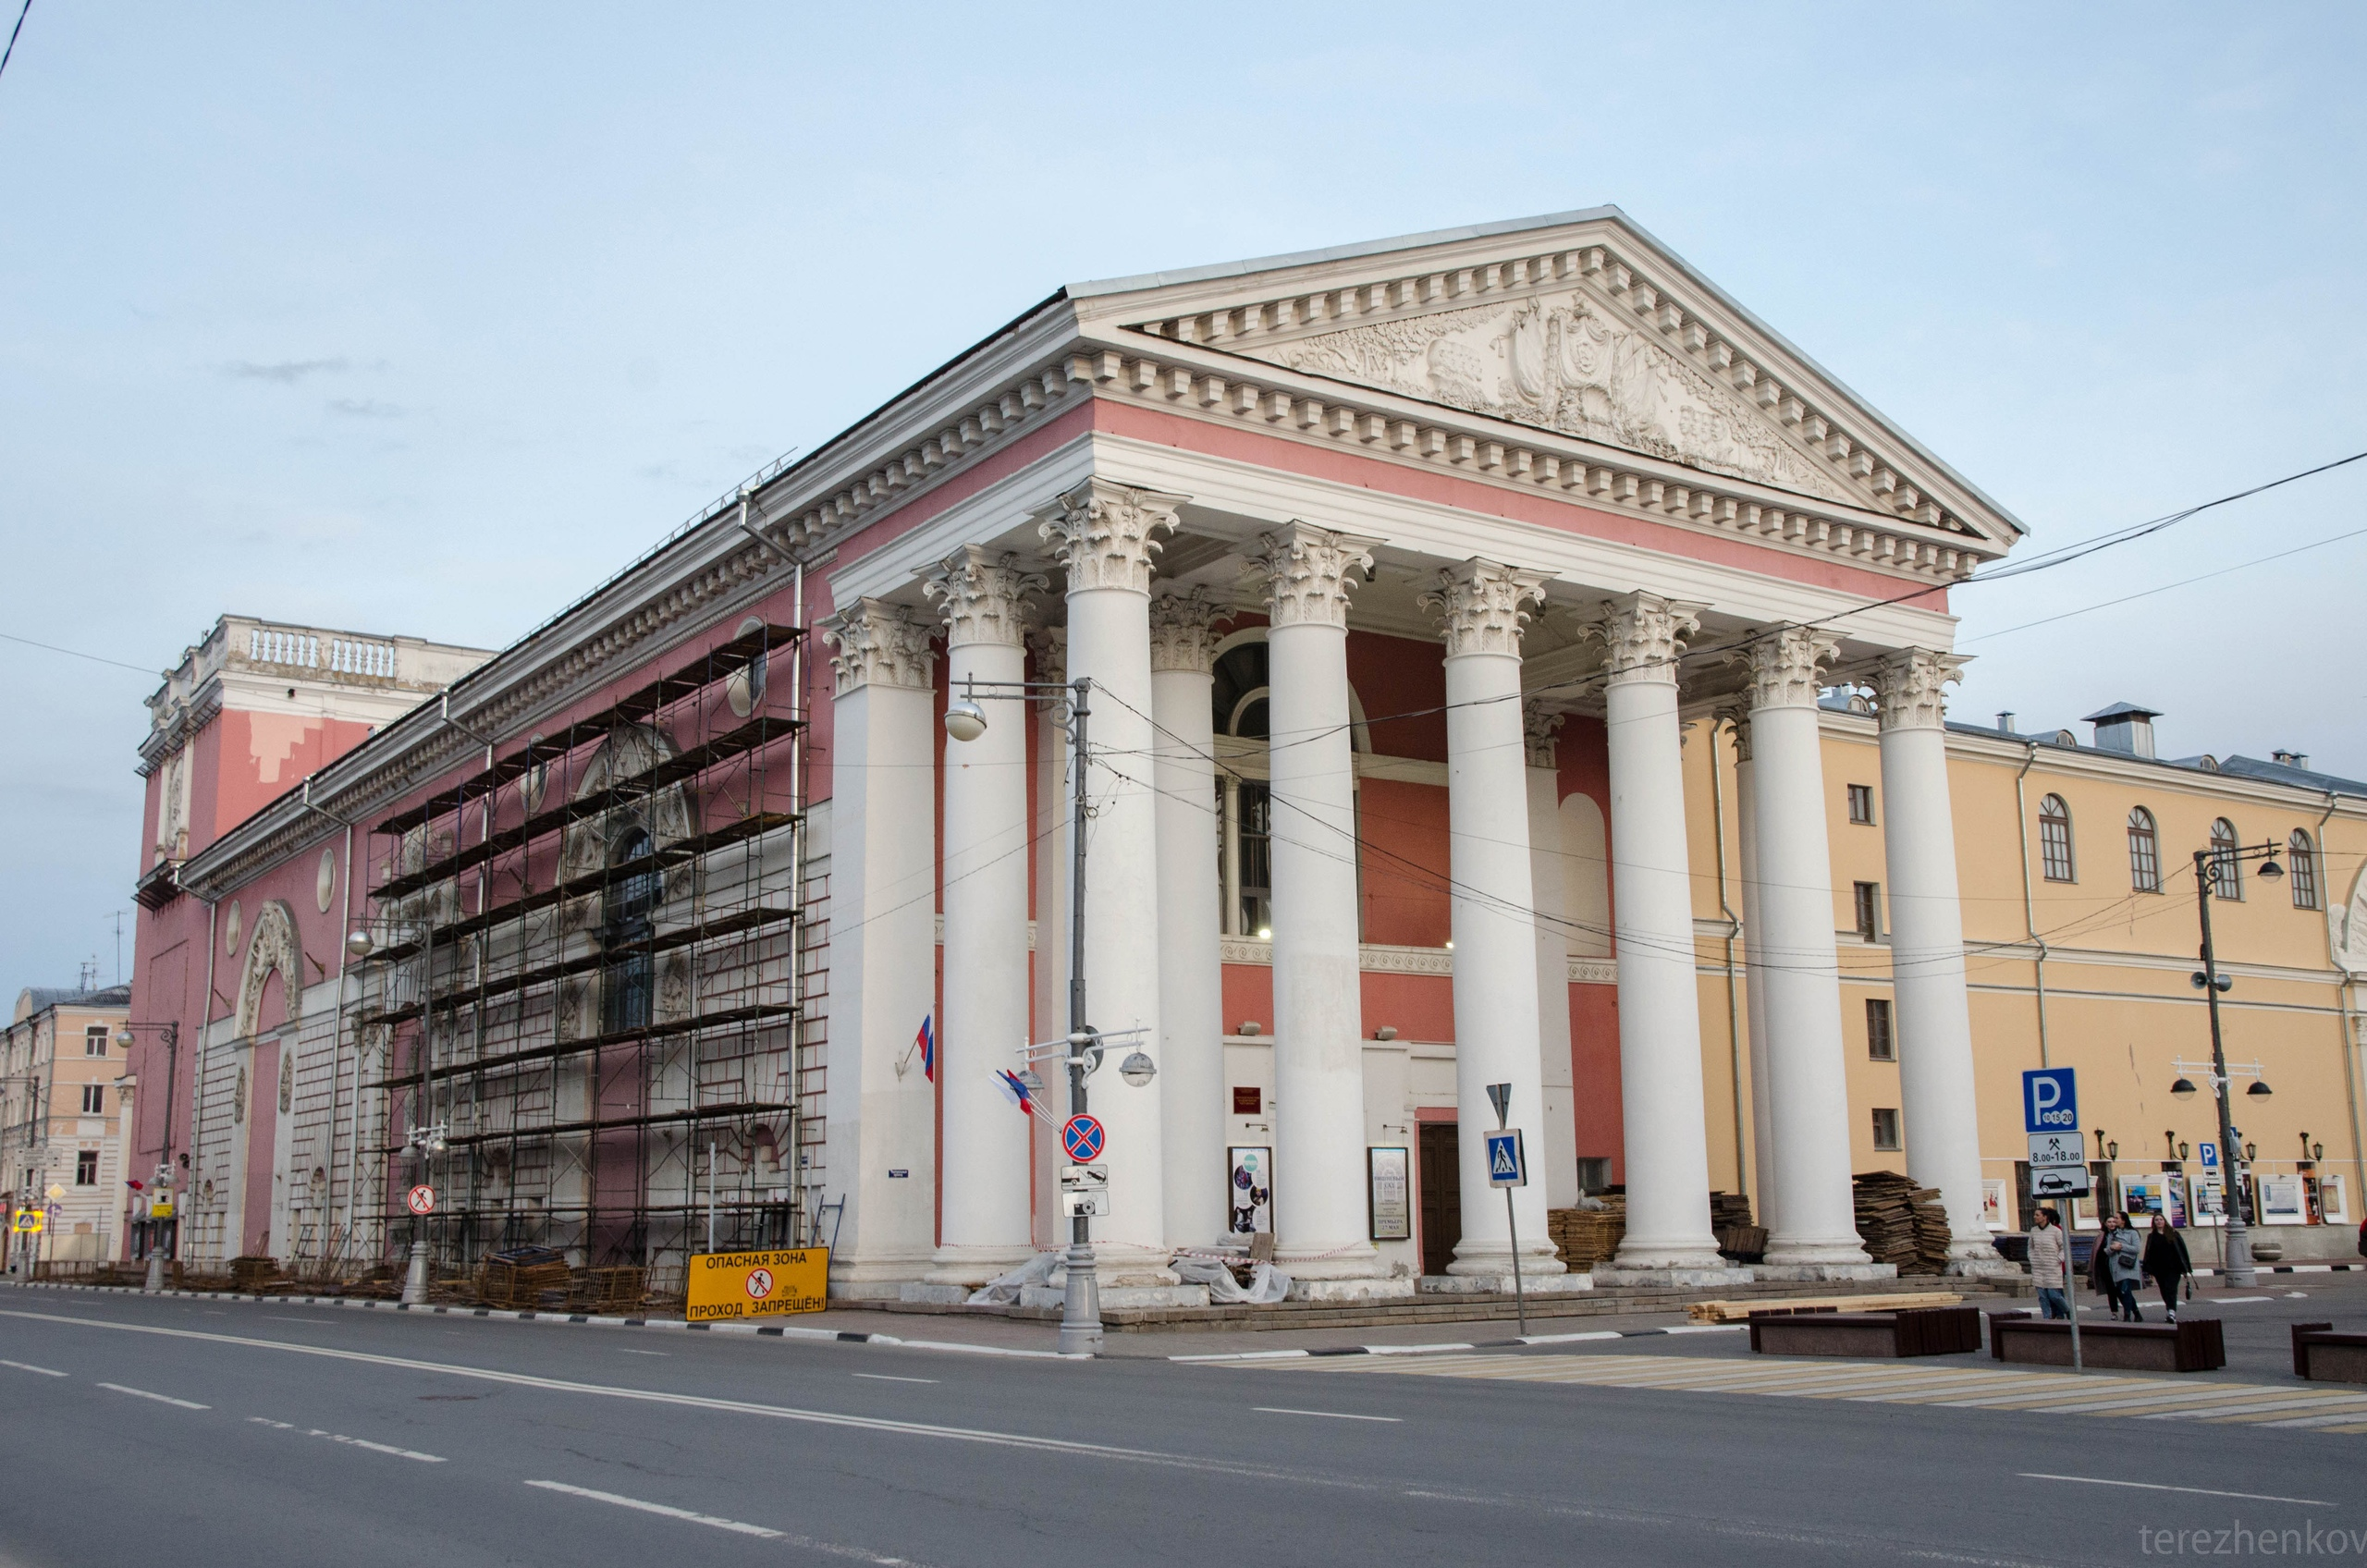 В Твери начались ремонтные работы на здании драматического театра